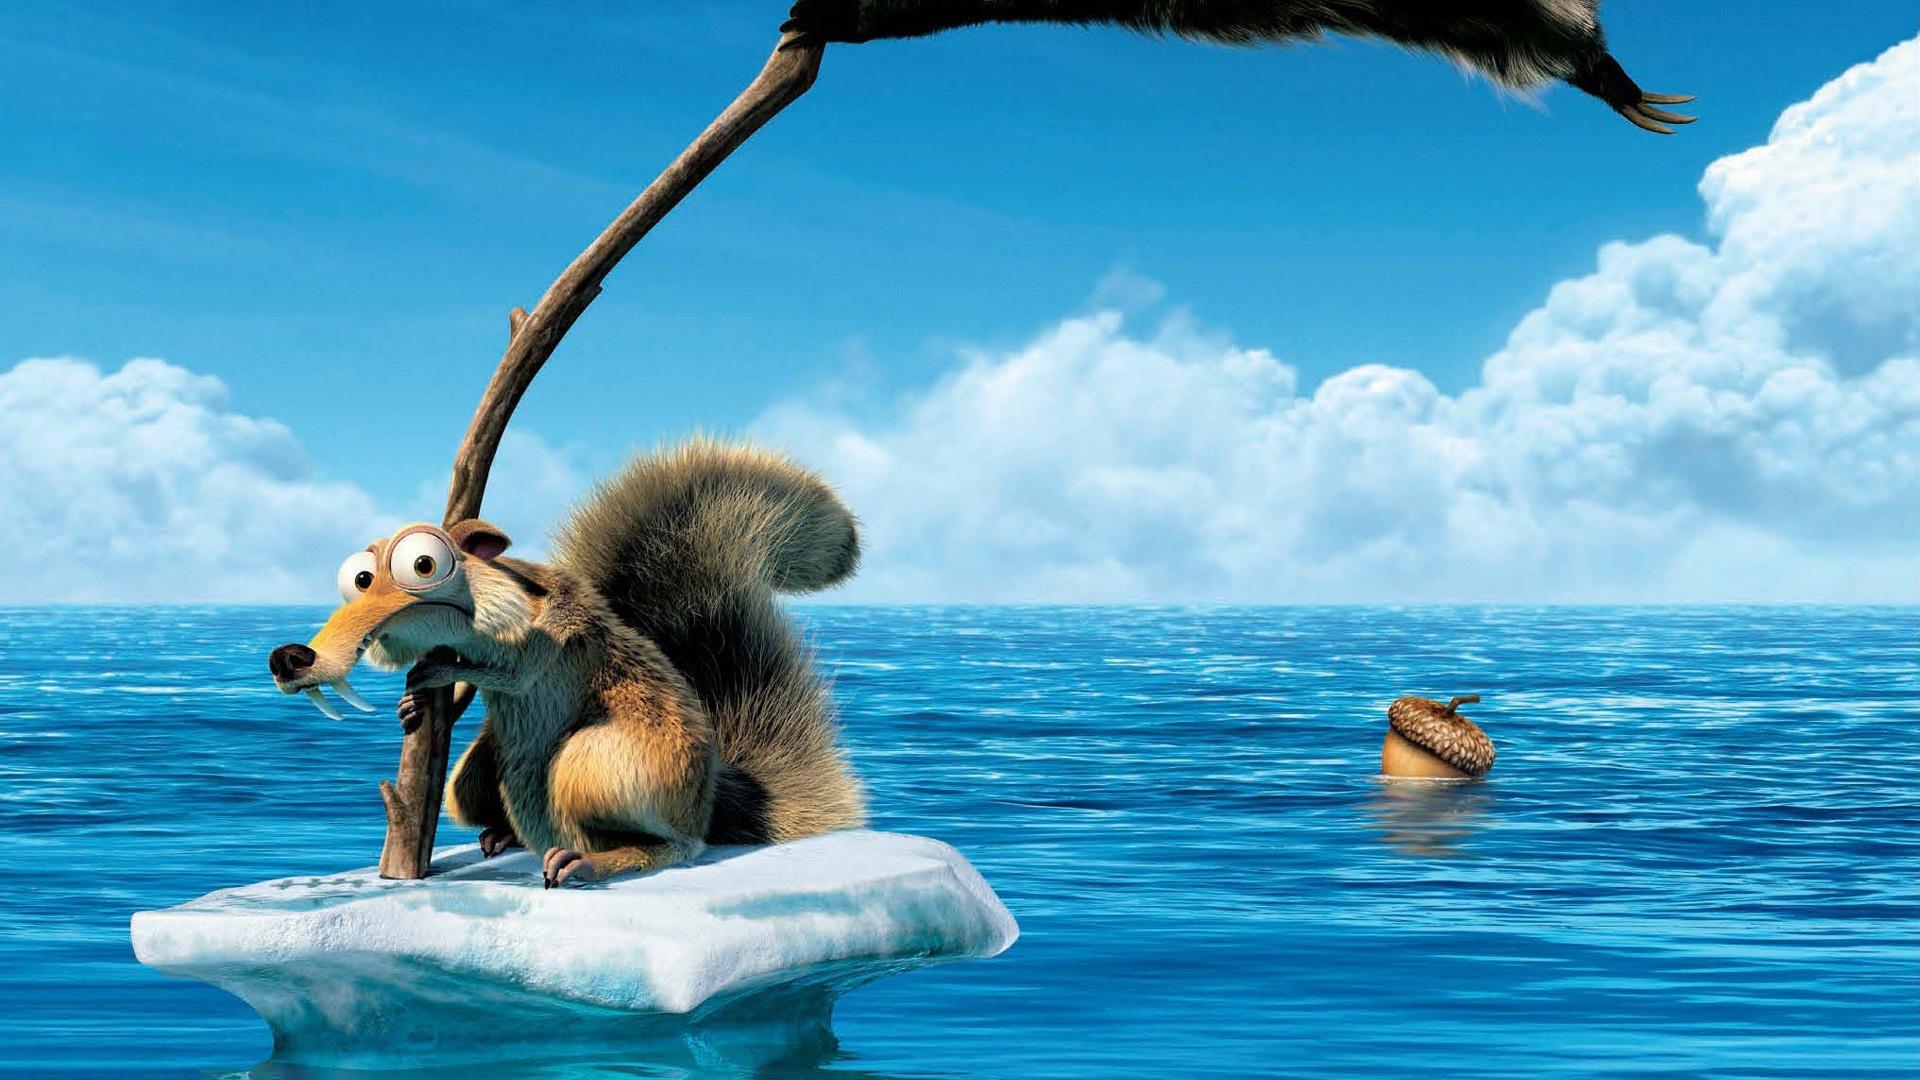 冰河世纪3mp4高清下载_壁纸 冰河世纪4:大陆漂移 1920x1440 HD 高清壁纸, 图片, 照片